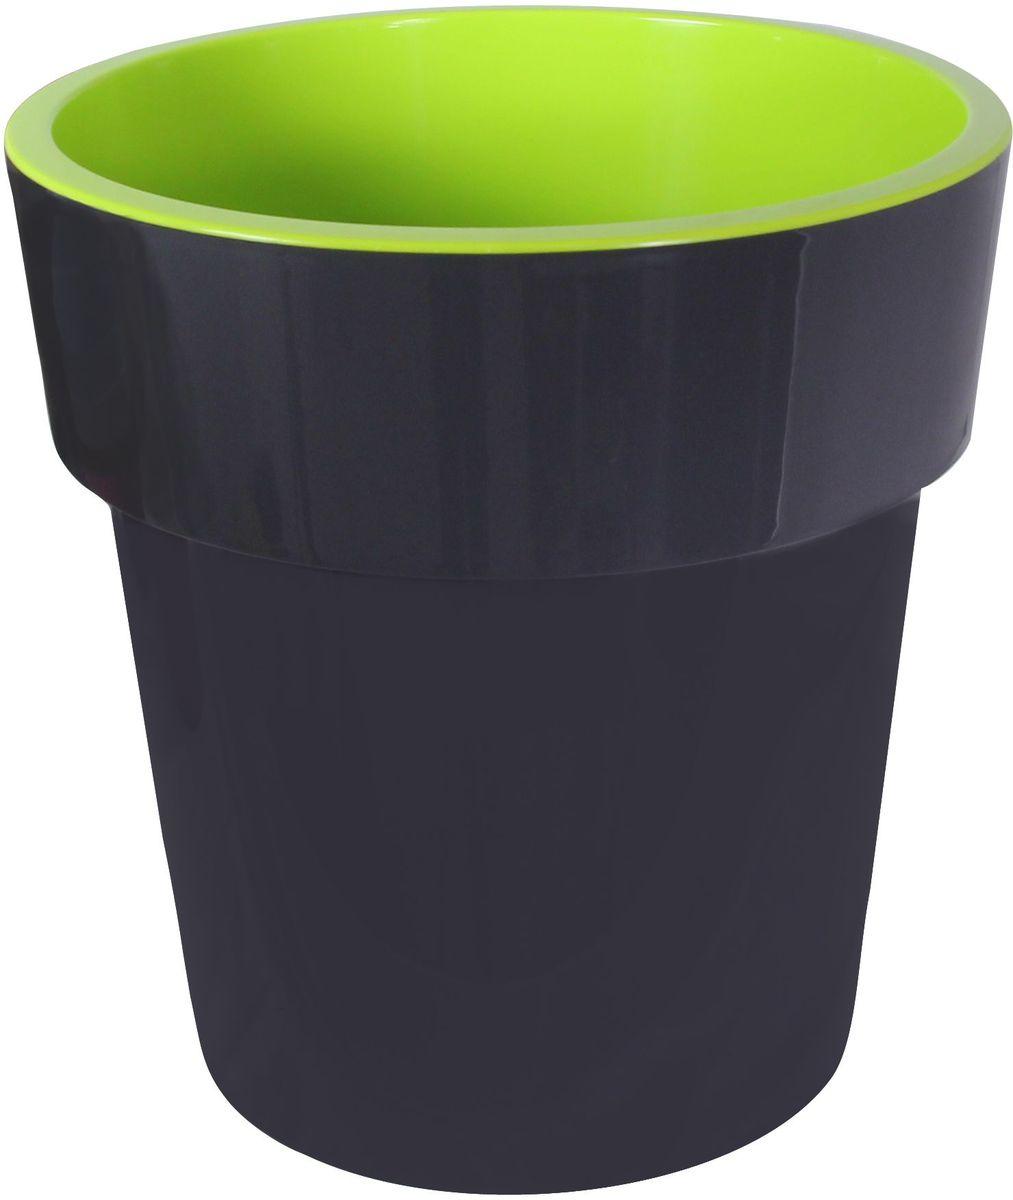 Кашпо Idea Тубус, цвет: графитовый, диаметр 15 смМ 3164Кашпо Idea Тубус изготовлено из прочного пластика. Изделие прекрасно подходит для выращивания растений и цветов в домашних условиях. Стильный современный дизайн органично впишется в интерьер помещения.Диаметр кашпо: 15 см. Высота кашпо: 15 см.